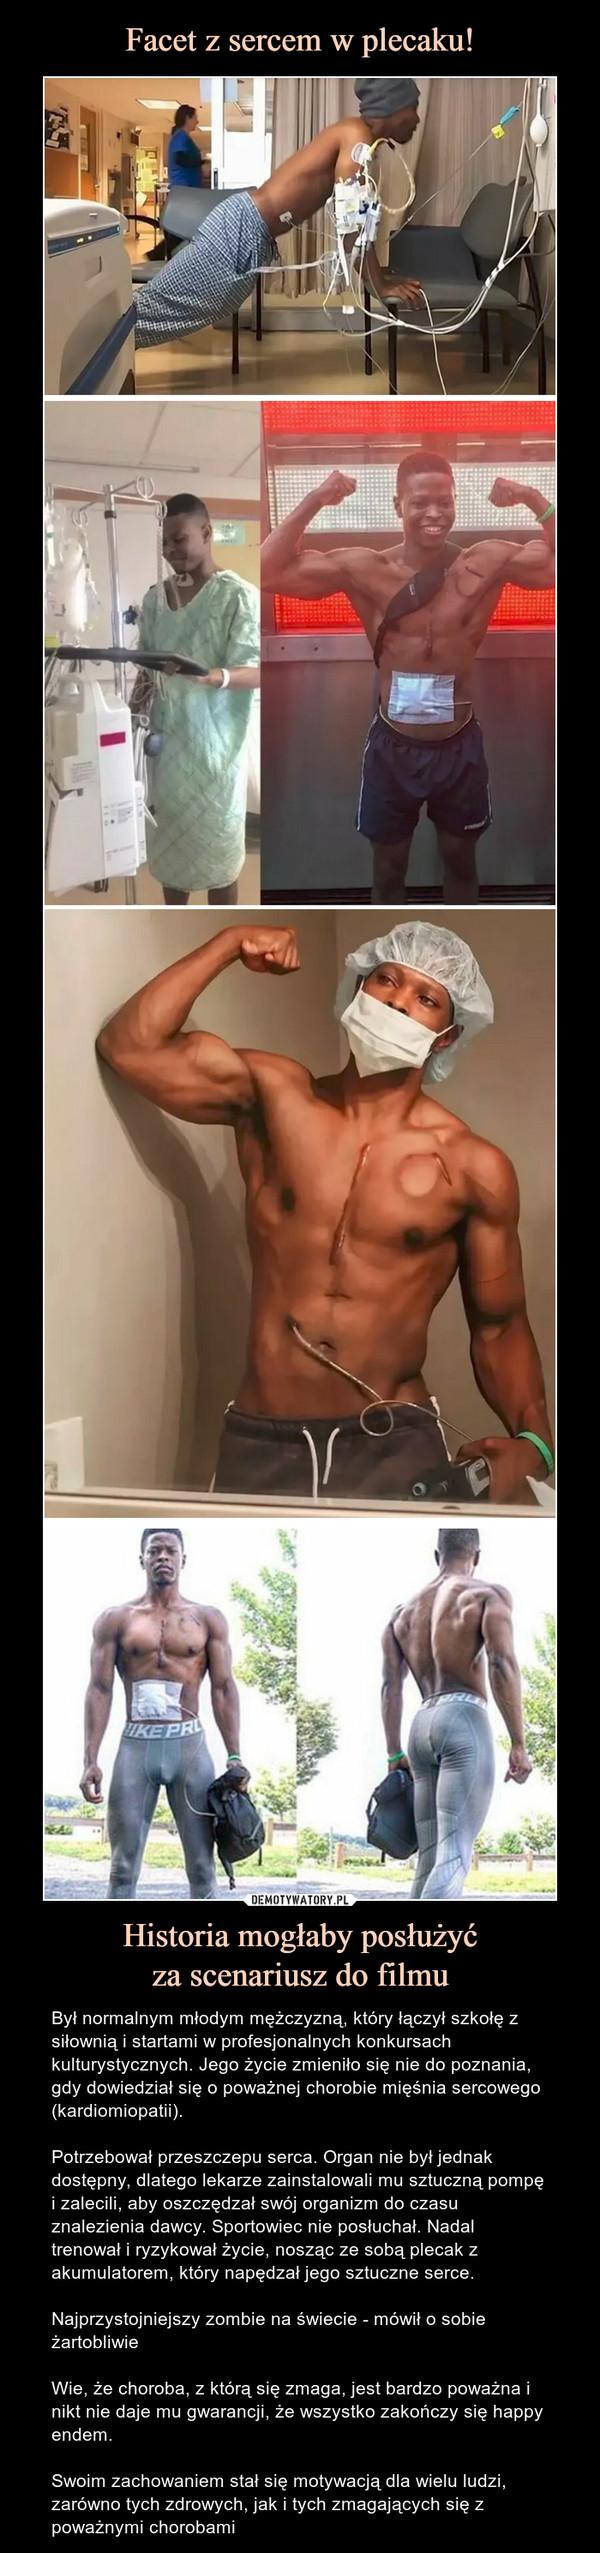 Historia mogłaby posłużyćza scenariusz do filmu – Był normalnym młodym mężczyzną, który łączył szkołę z siłownią i startami w profesjonalnych konkursach kulturystycznych. Jego życie zmieniło się nie do poznania, gdy dowiedział się o poważnej chorobie mięśnia sercowego (kardiomiopatii).Potrzebował przeszczepu serca. Organ nie był jednak dostępny, dlatego lekarze zainstalowali mu sztuczną pompę i zalecili, aby oszczędzał swój organizm do czasu znalezienia dawcy. Sportowiec nie posłuchał. Nadal trenował i ryzykował życie, nosząc ze sobą plecak z akumulatorem, który napędzał jego sztuczne serce.Najprzystojniejszy zombie na świecie - mówił o sobie żartobliwieWie, że choroba, z którą się zmaga, jest bardzo poważna i nikt nie daje mu gwarancji, że wszystko zakończy się happy endem.Swoim zachowaniem stał się motywacją dla wielu ludzi, zarówno tych zdrowych, jak i tych zmagających się z poważnymi chorobami